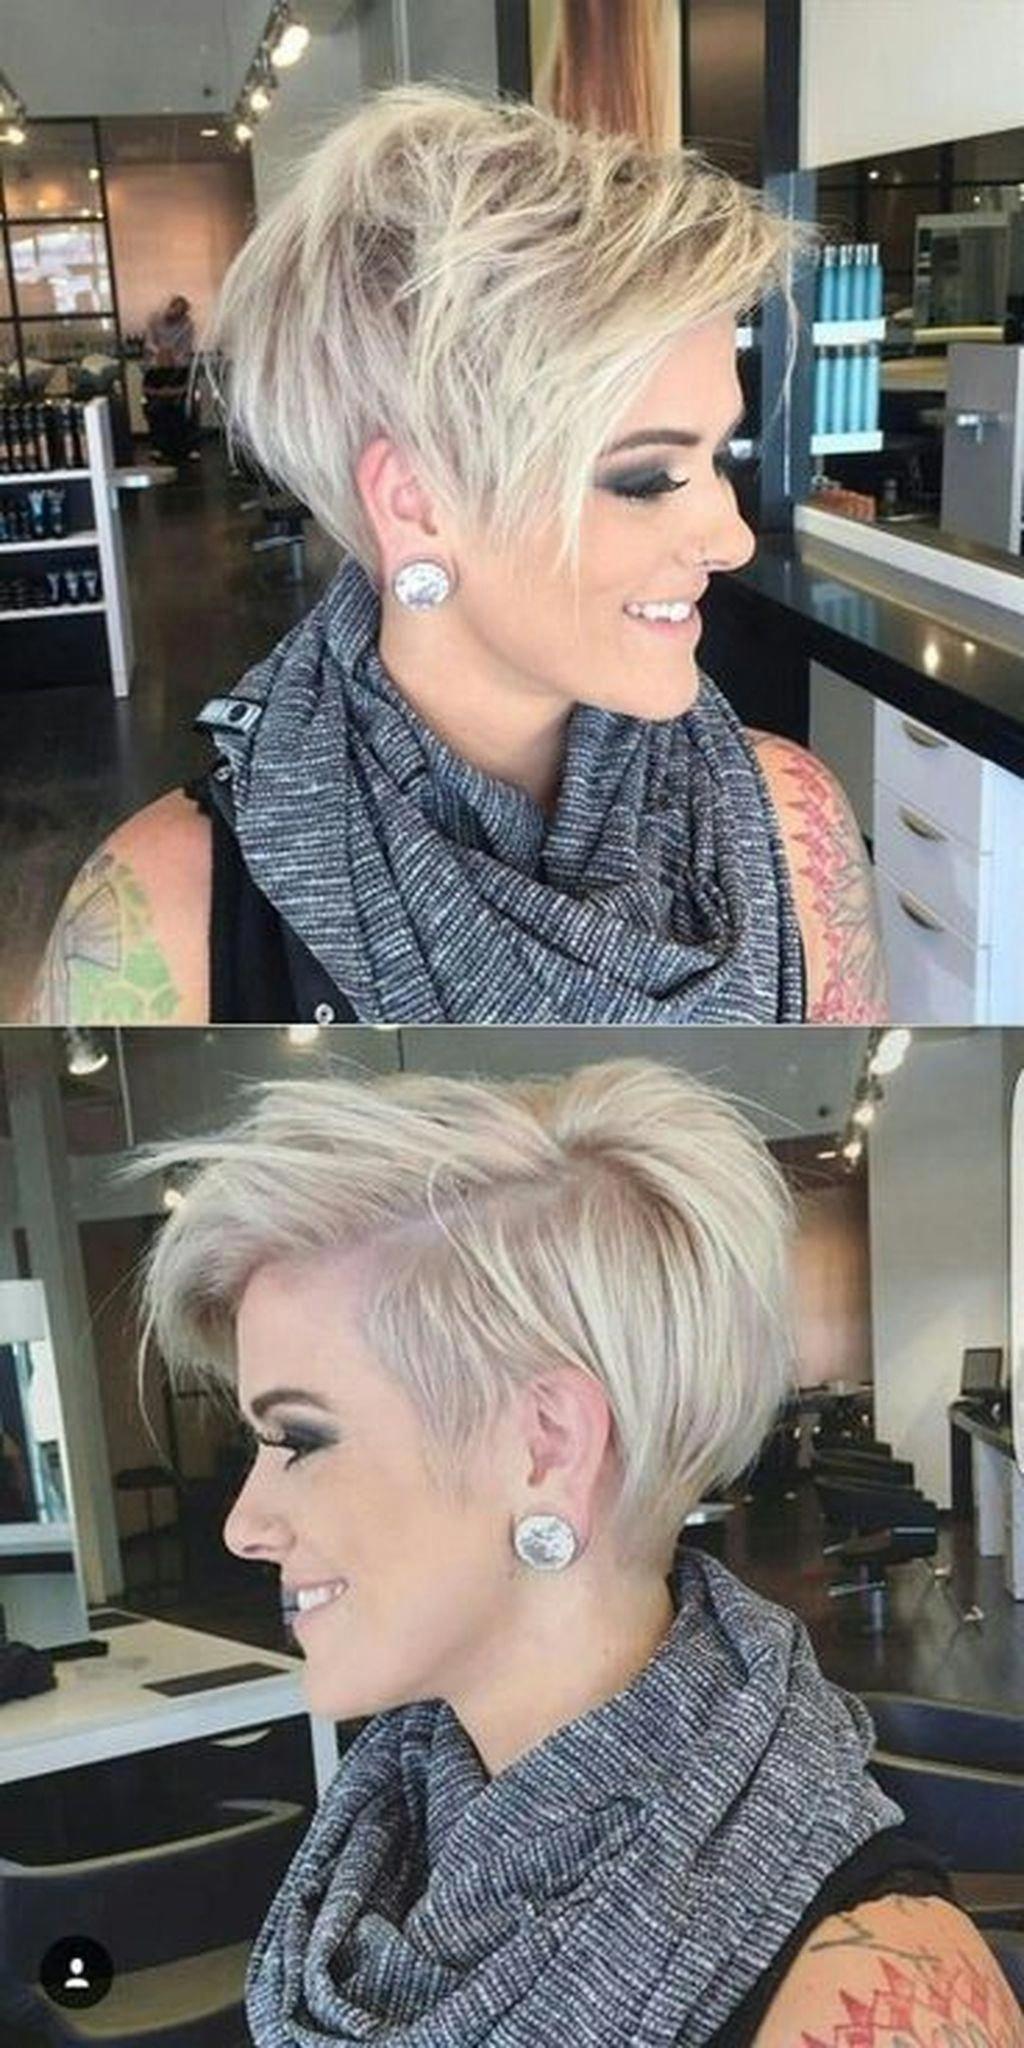 lawyered hair